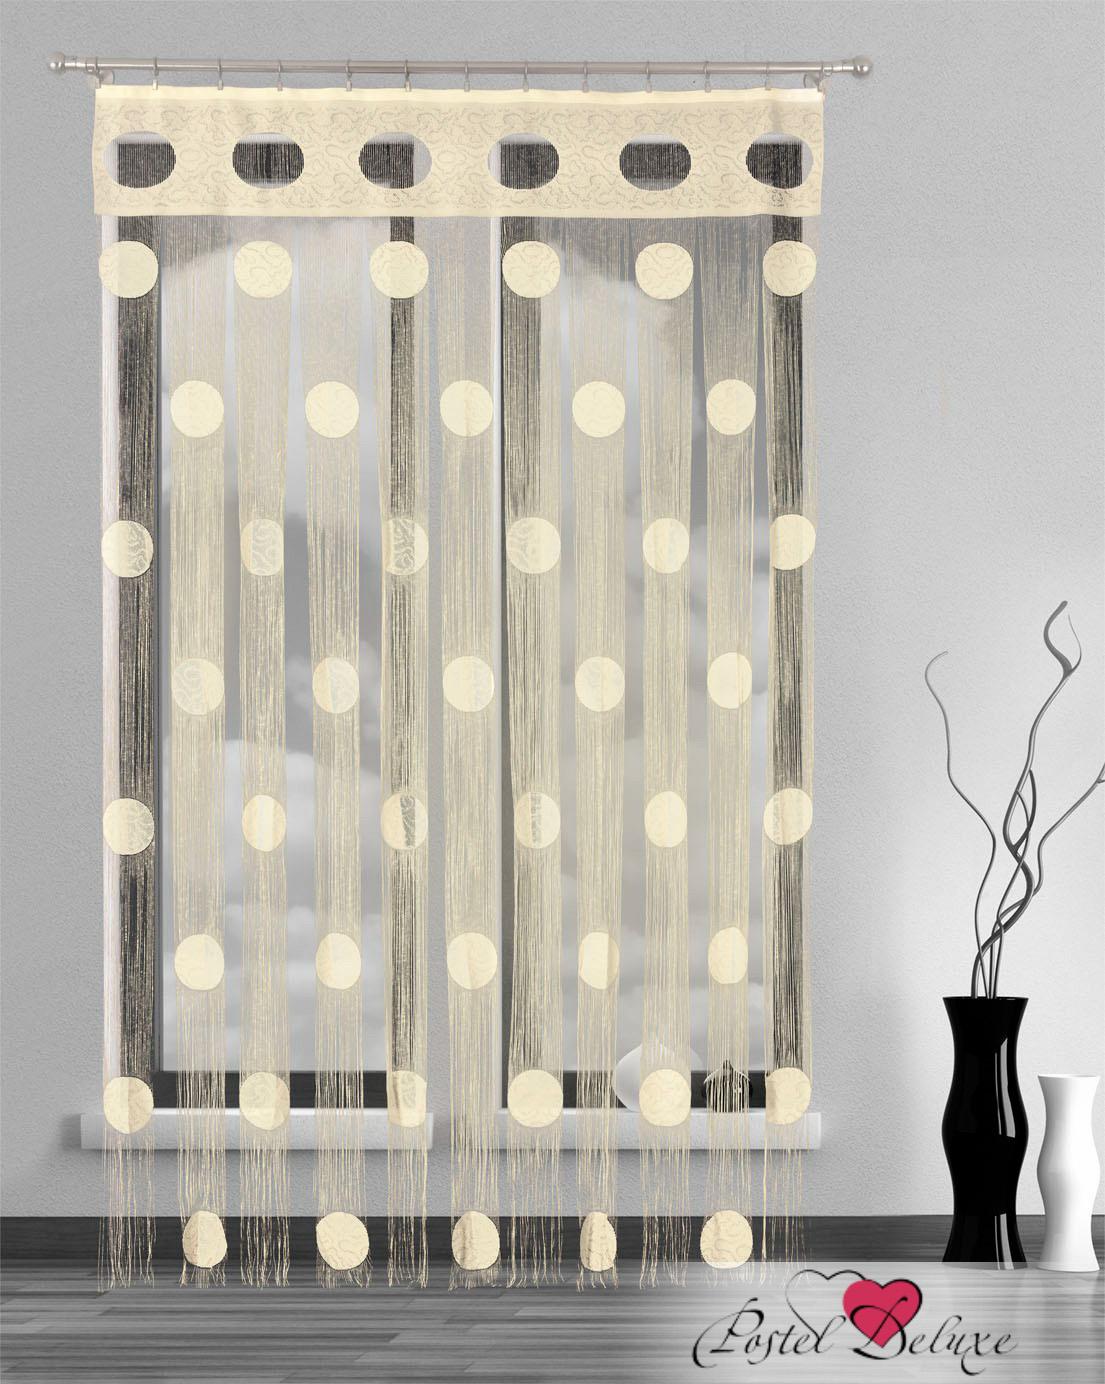 Шторы Wisan Нитяные шторы Цвет: Кремовый, Молочный wisan wisan нитяные шторы joelle цвет кремовый бежевый